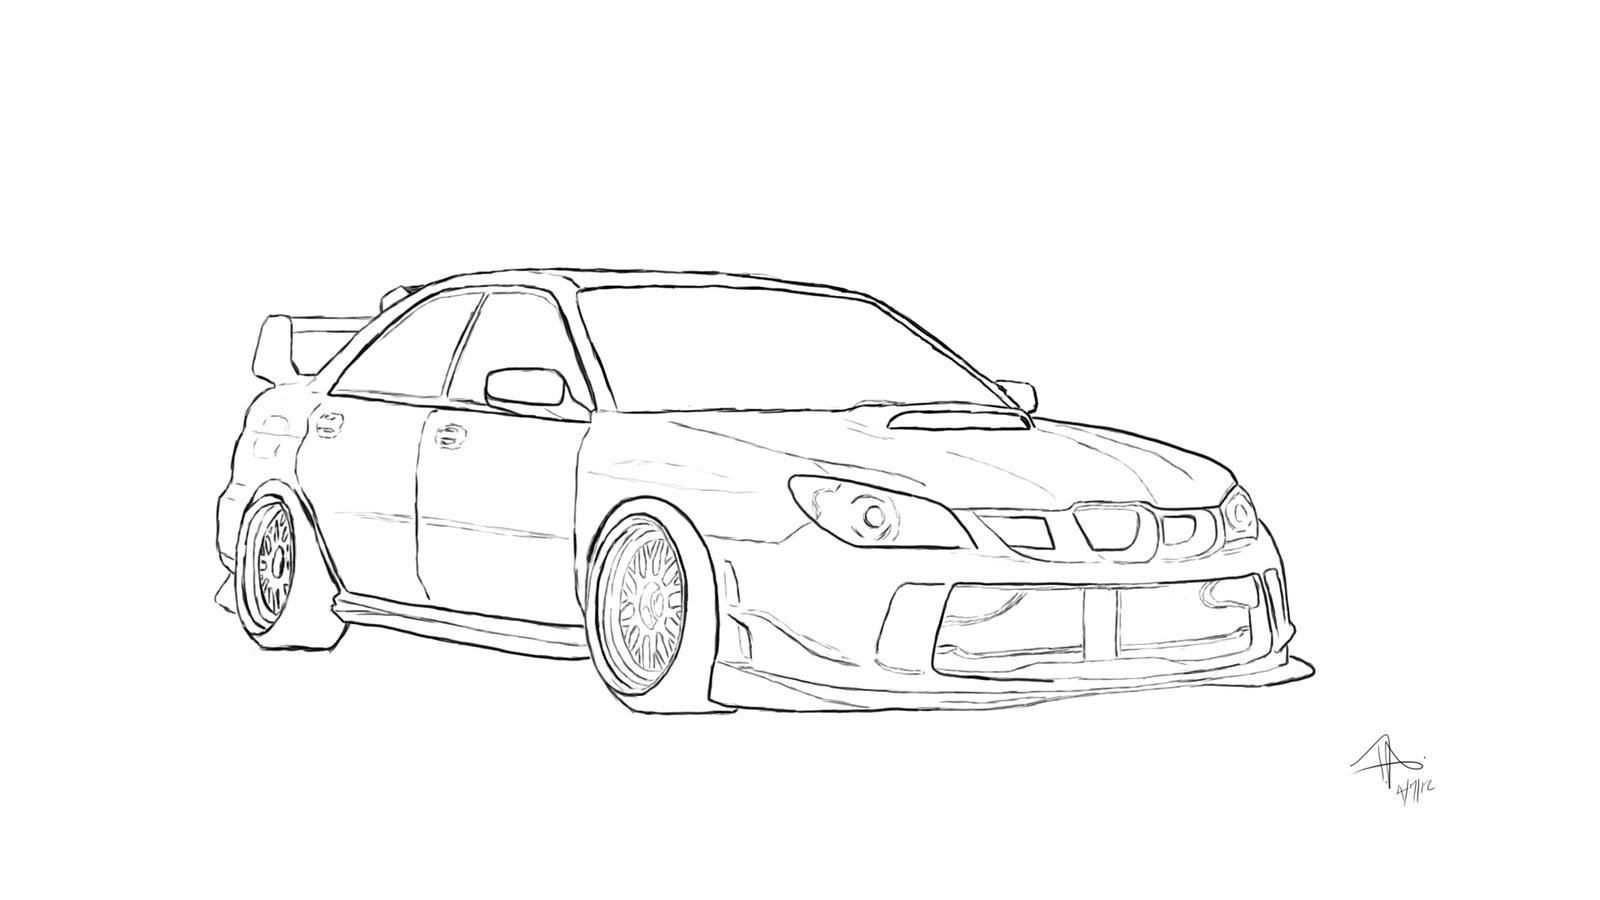 Subaru Sketch by DESneaky on DeviantArt